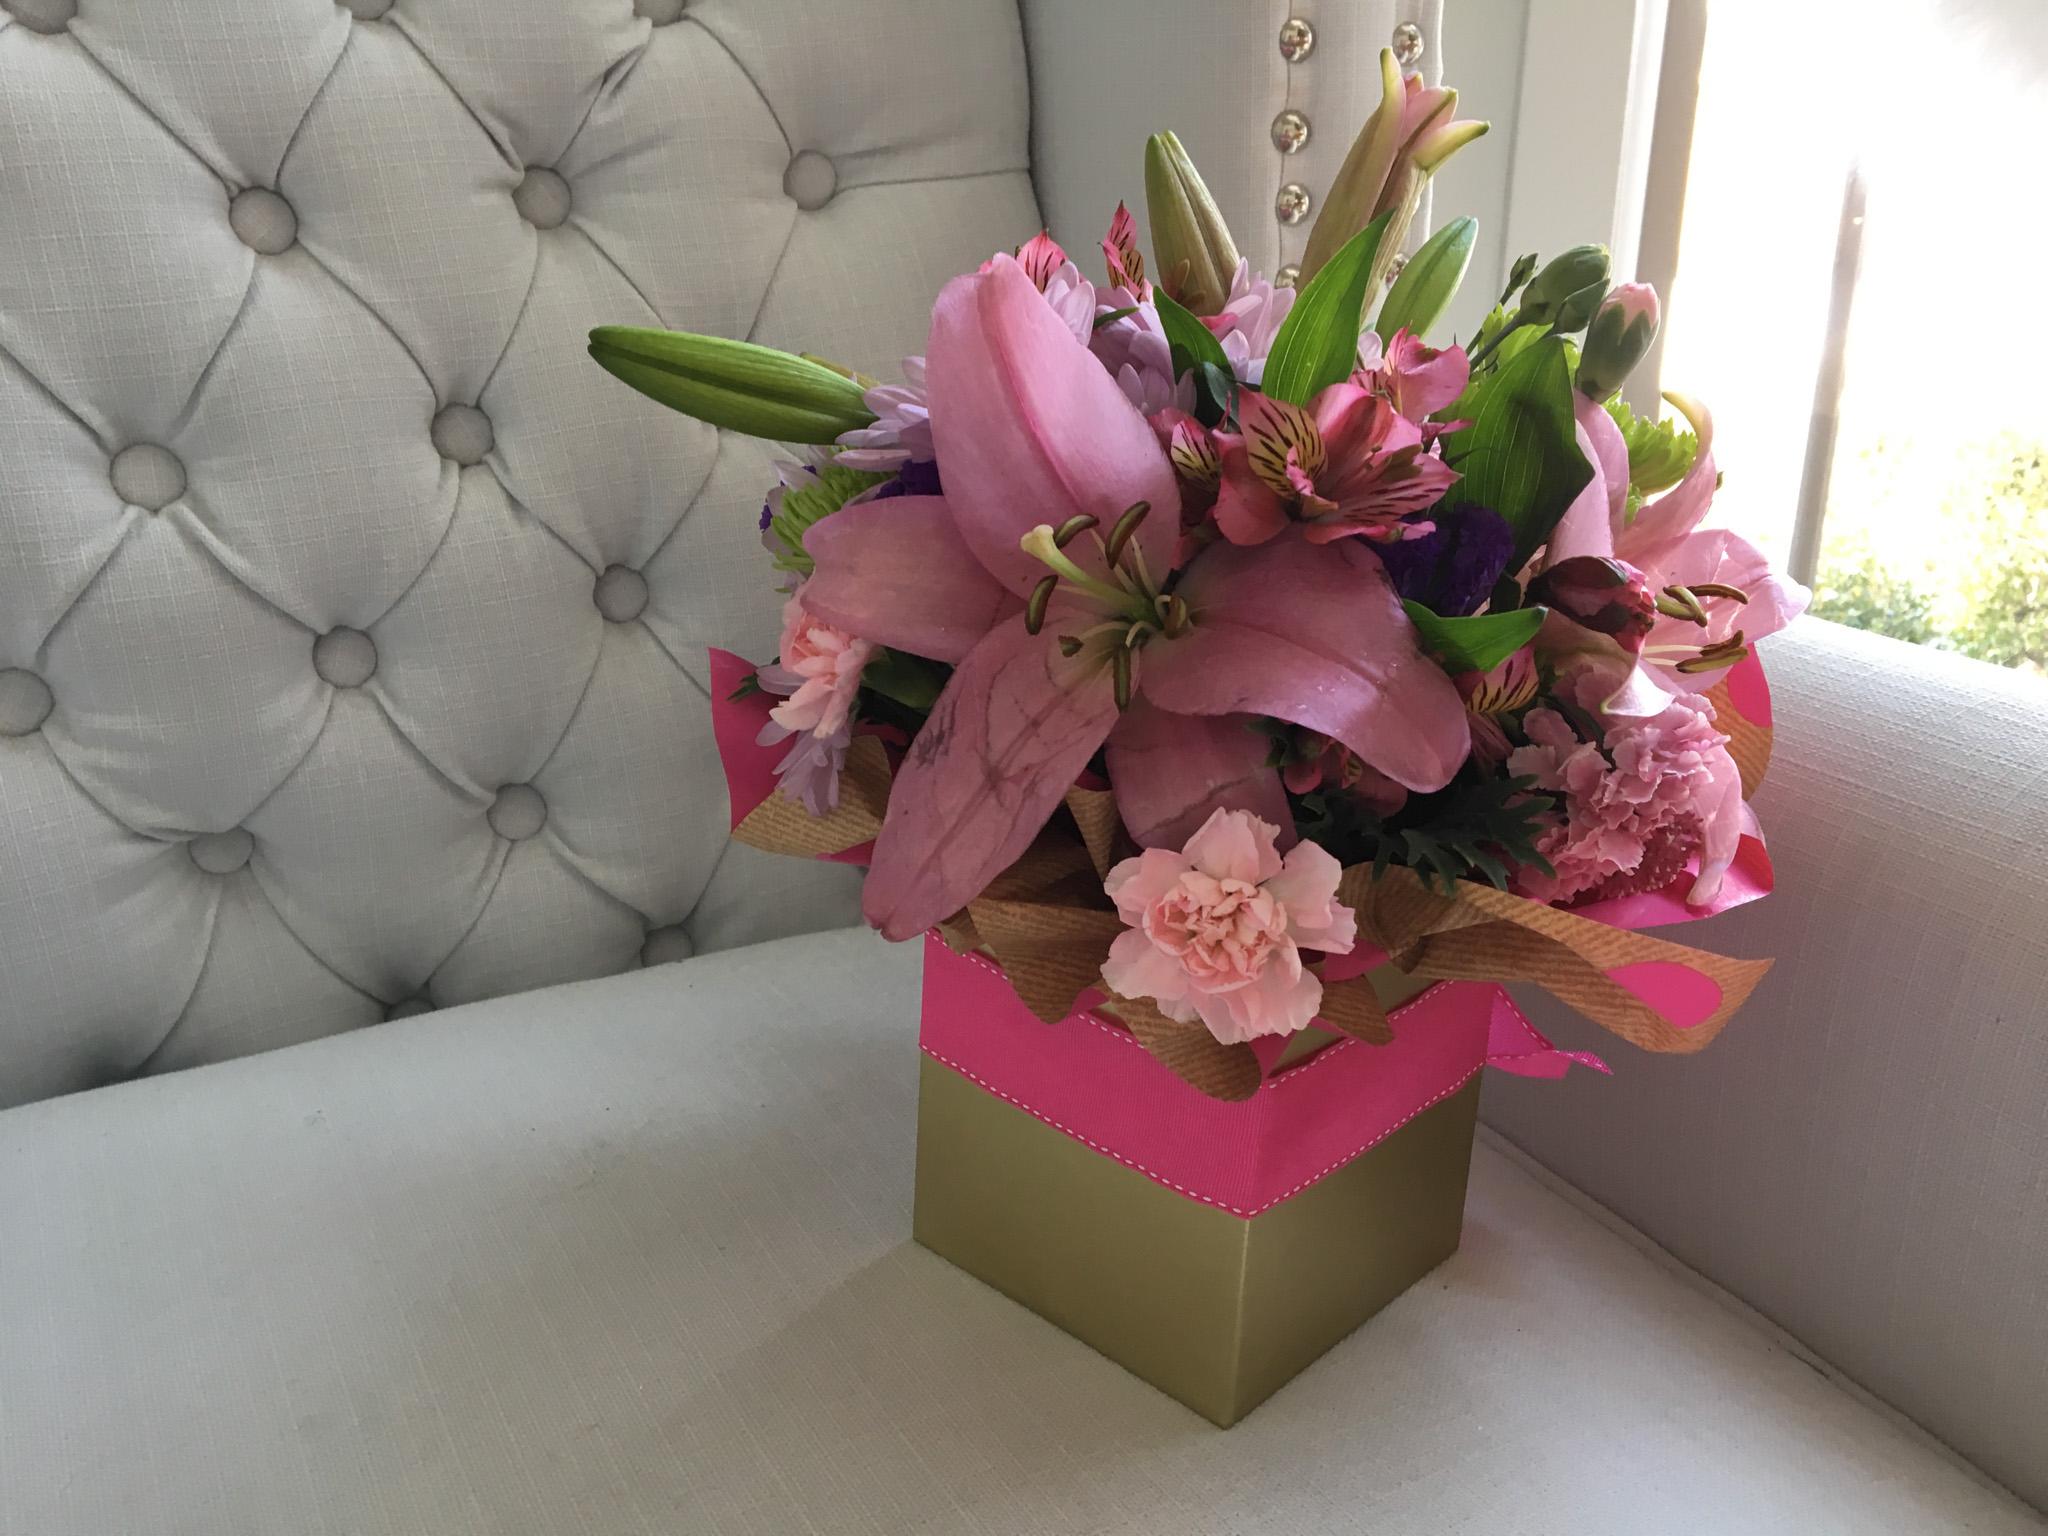 pink_floral_bouquet_luxury_cincinnatievents1.jpg